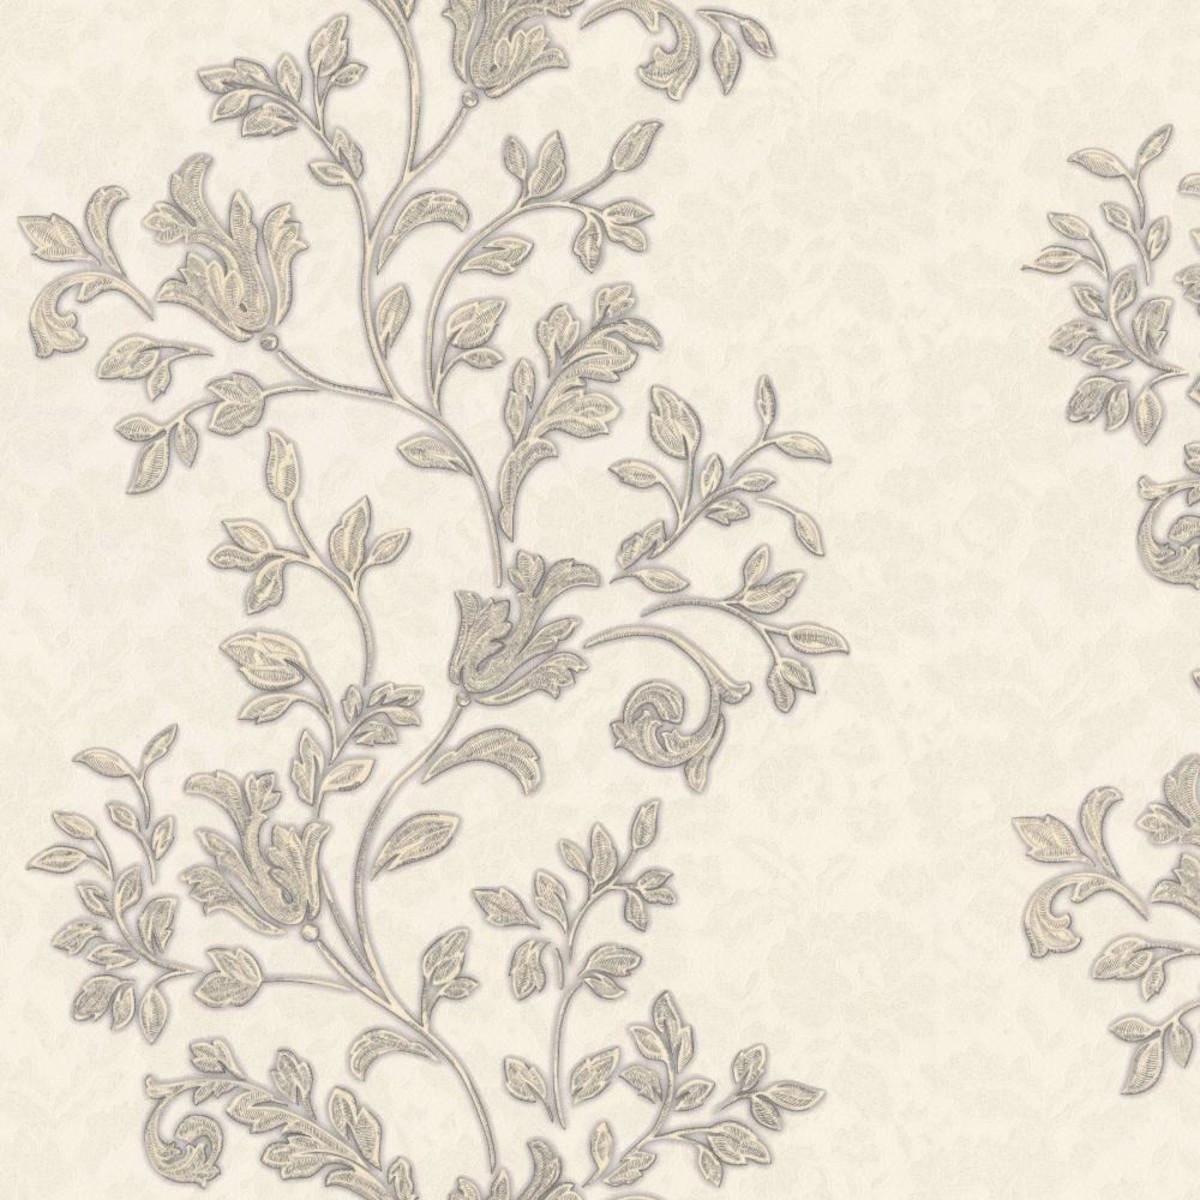 Обои флизелиновые Палитра Flandre белые PL71561-11 1.06 м